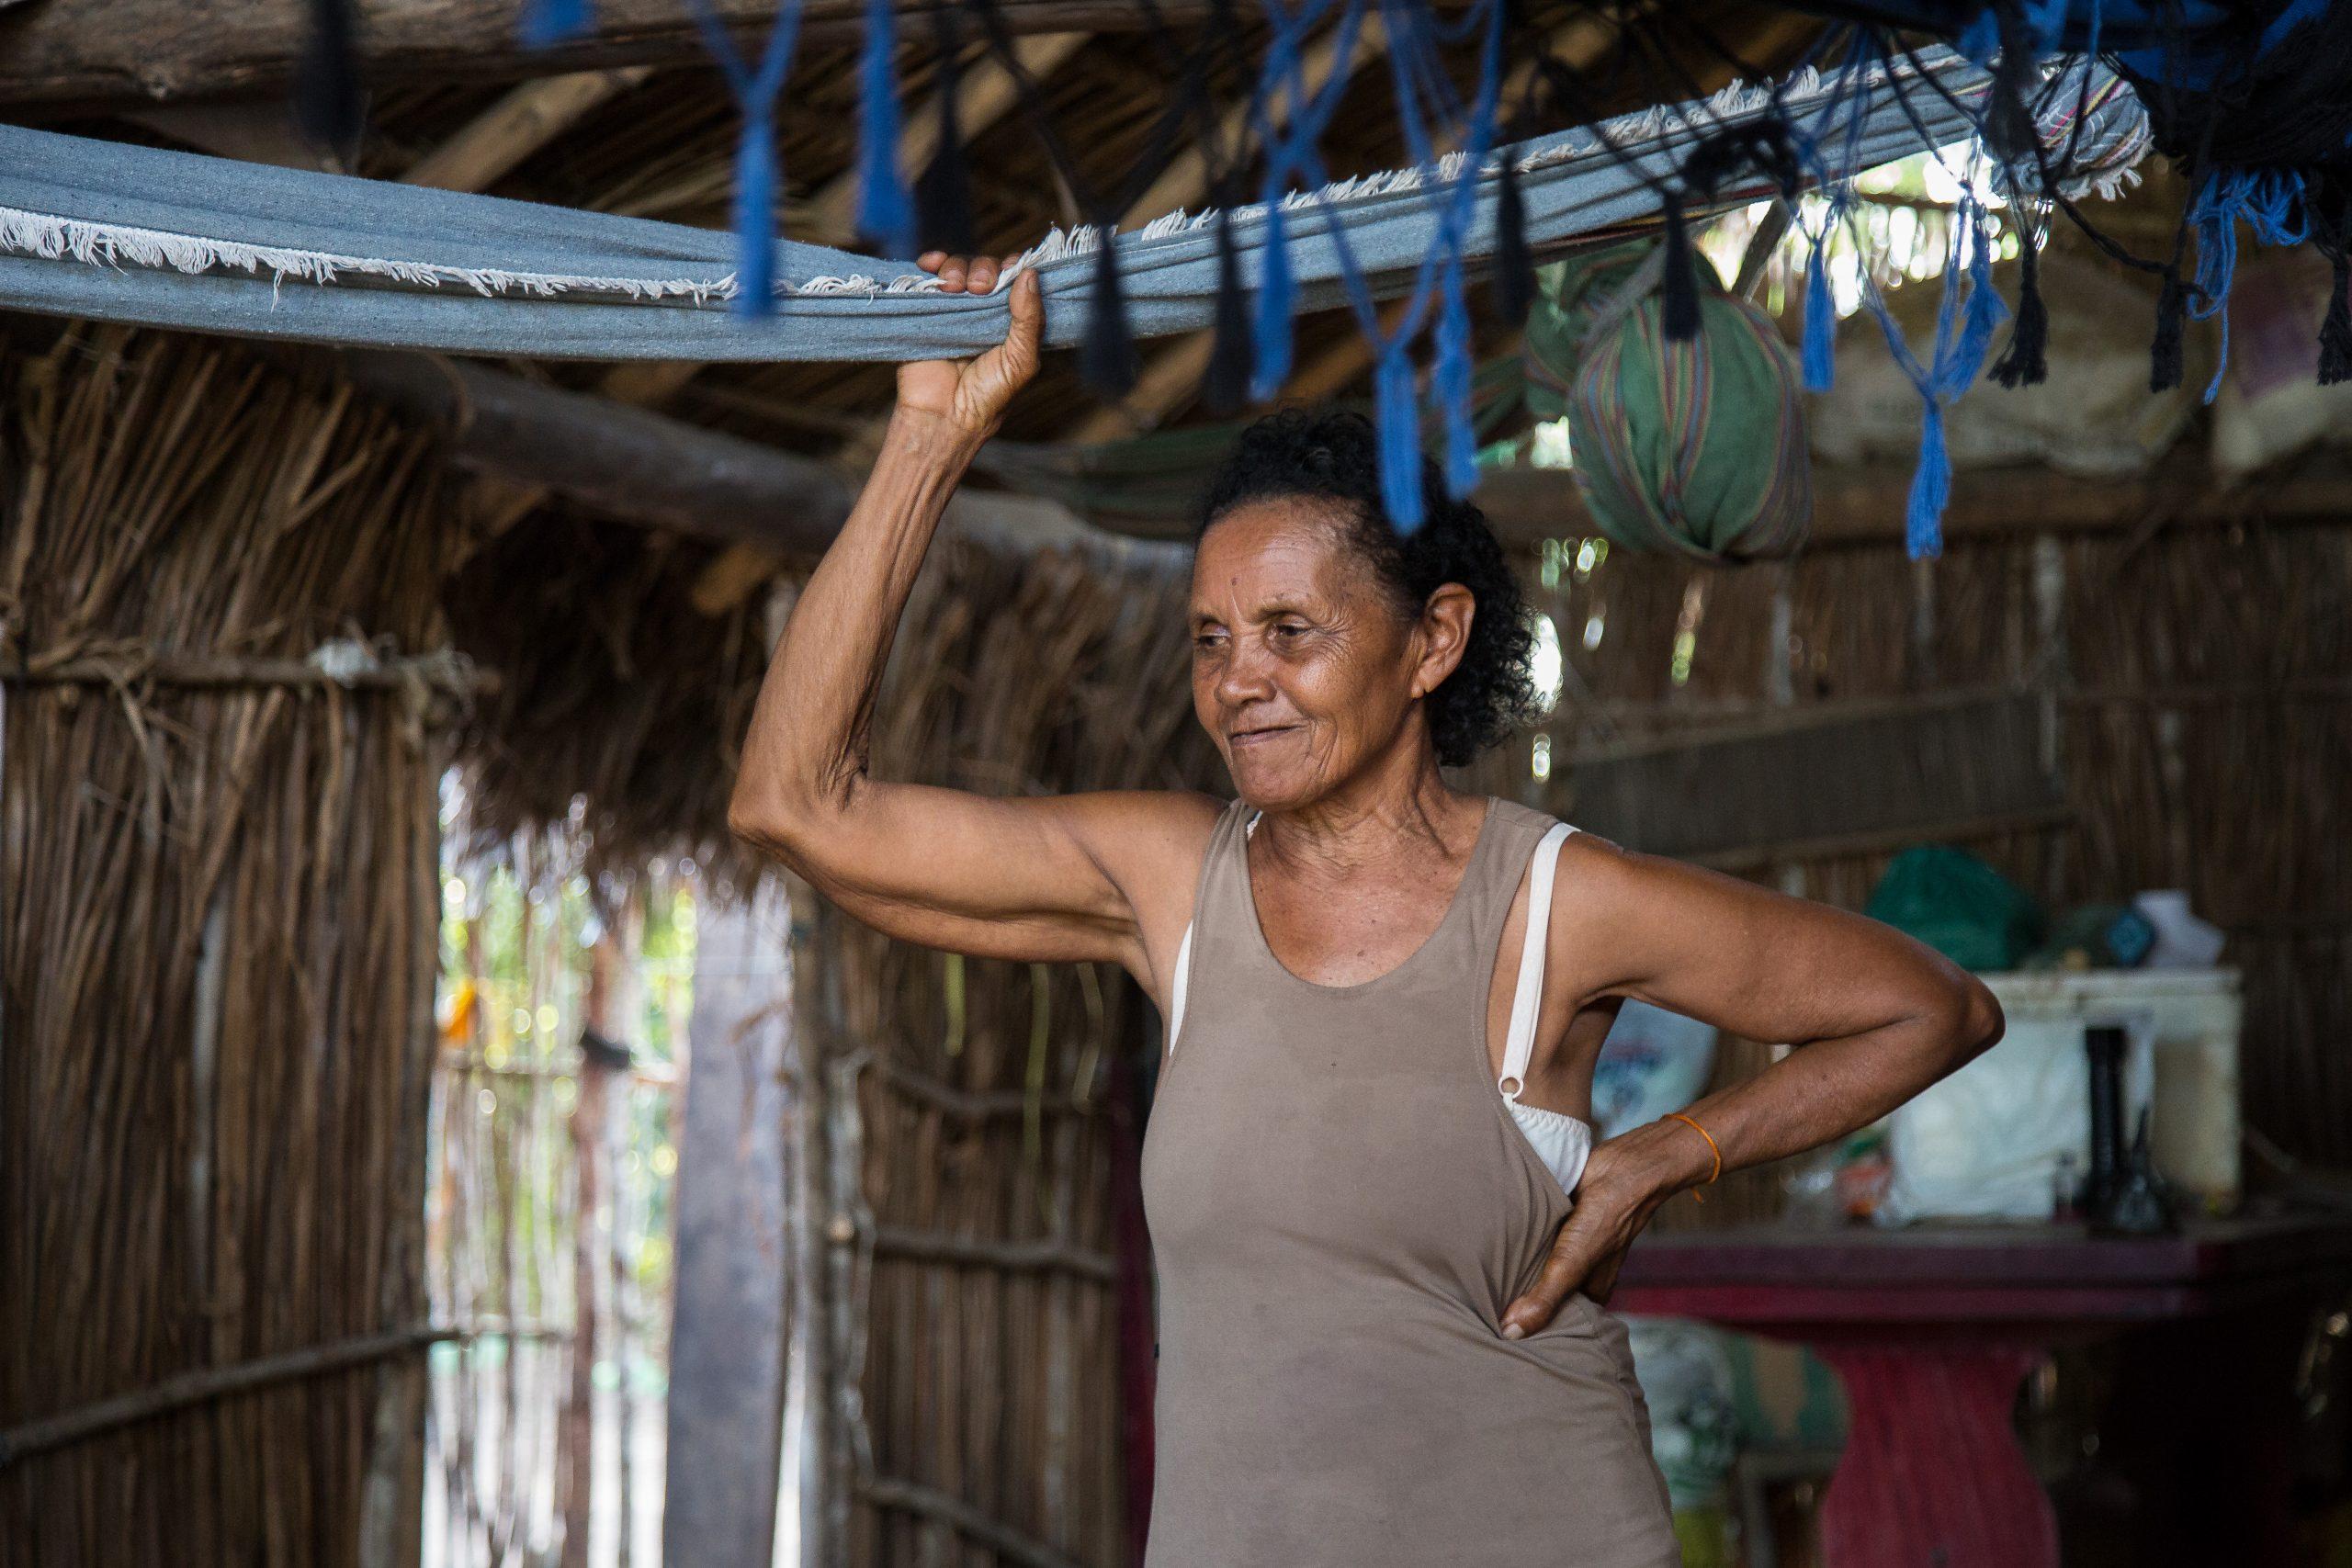 Dona Raimunda, matriarca da Comunidade Tauá, vive sob ameaça dos grileiros. Foto de Thomas Bauer